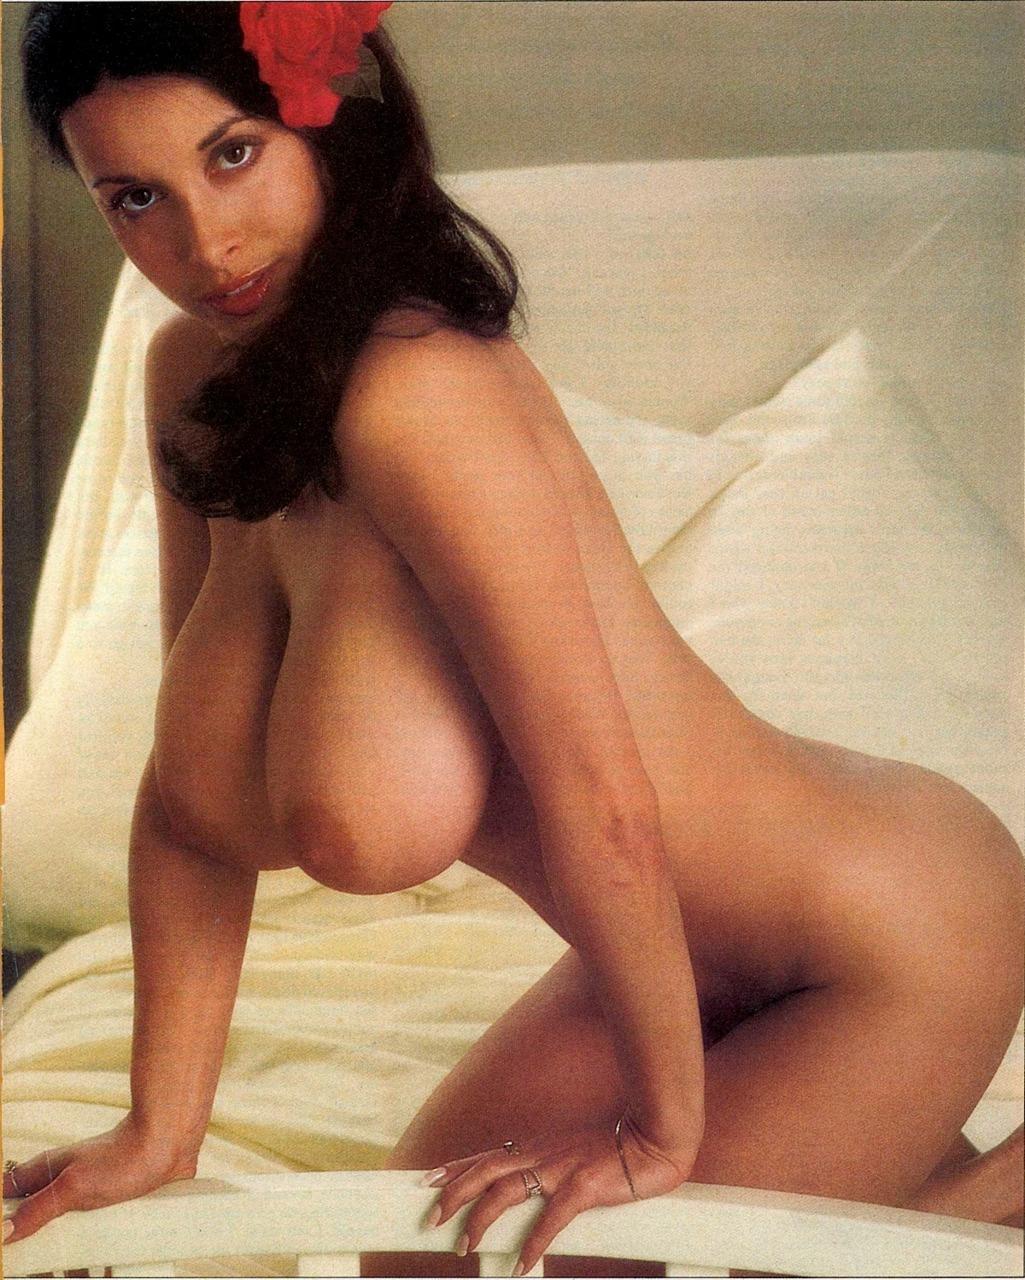 nude Oui models